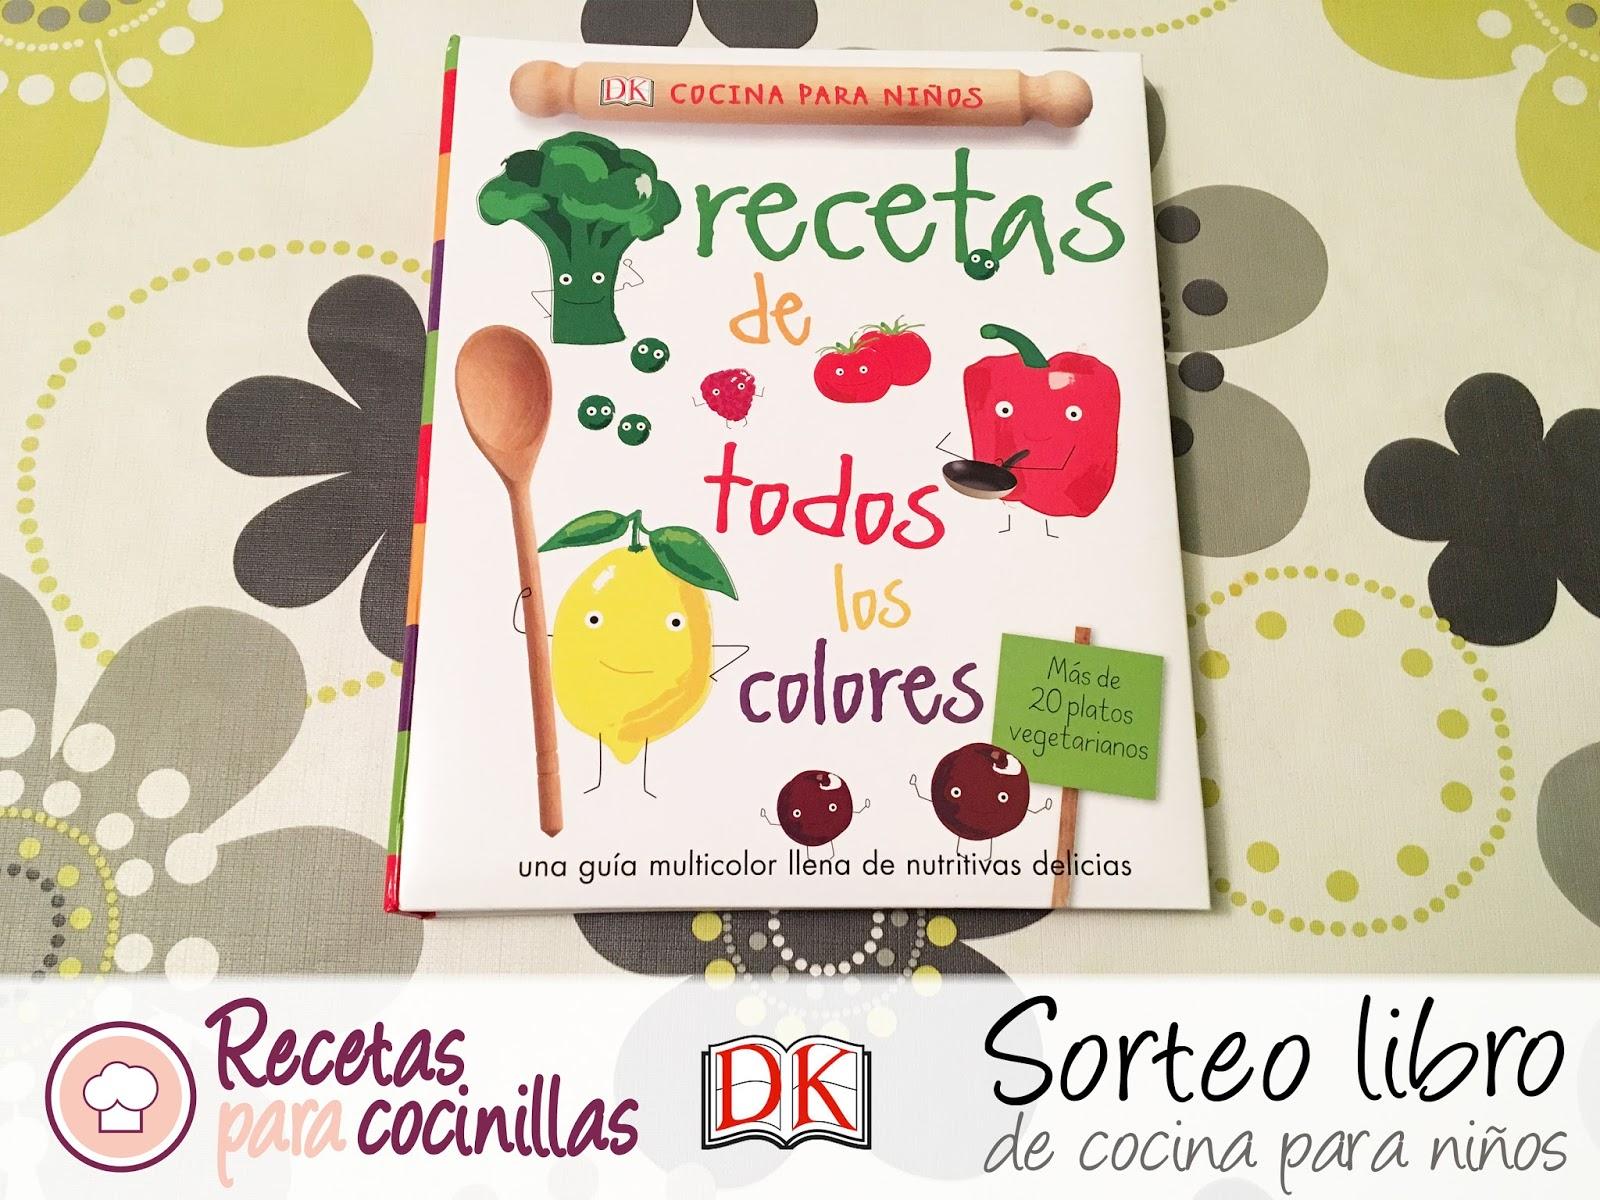 recetas para cocinillas sorteo libro de cocina para ni os